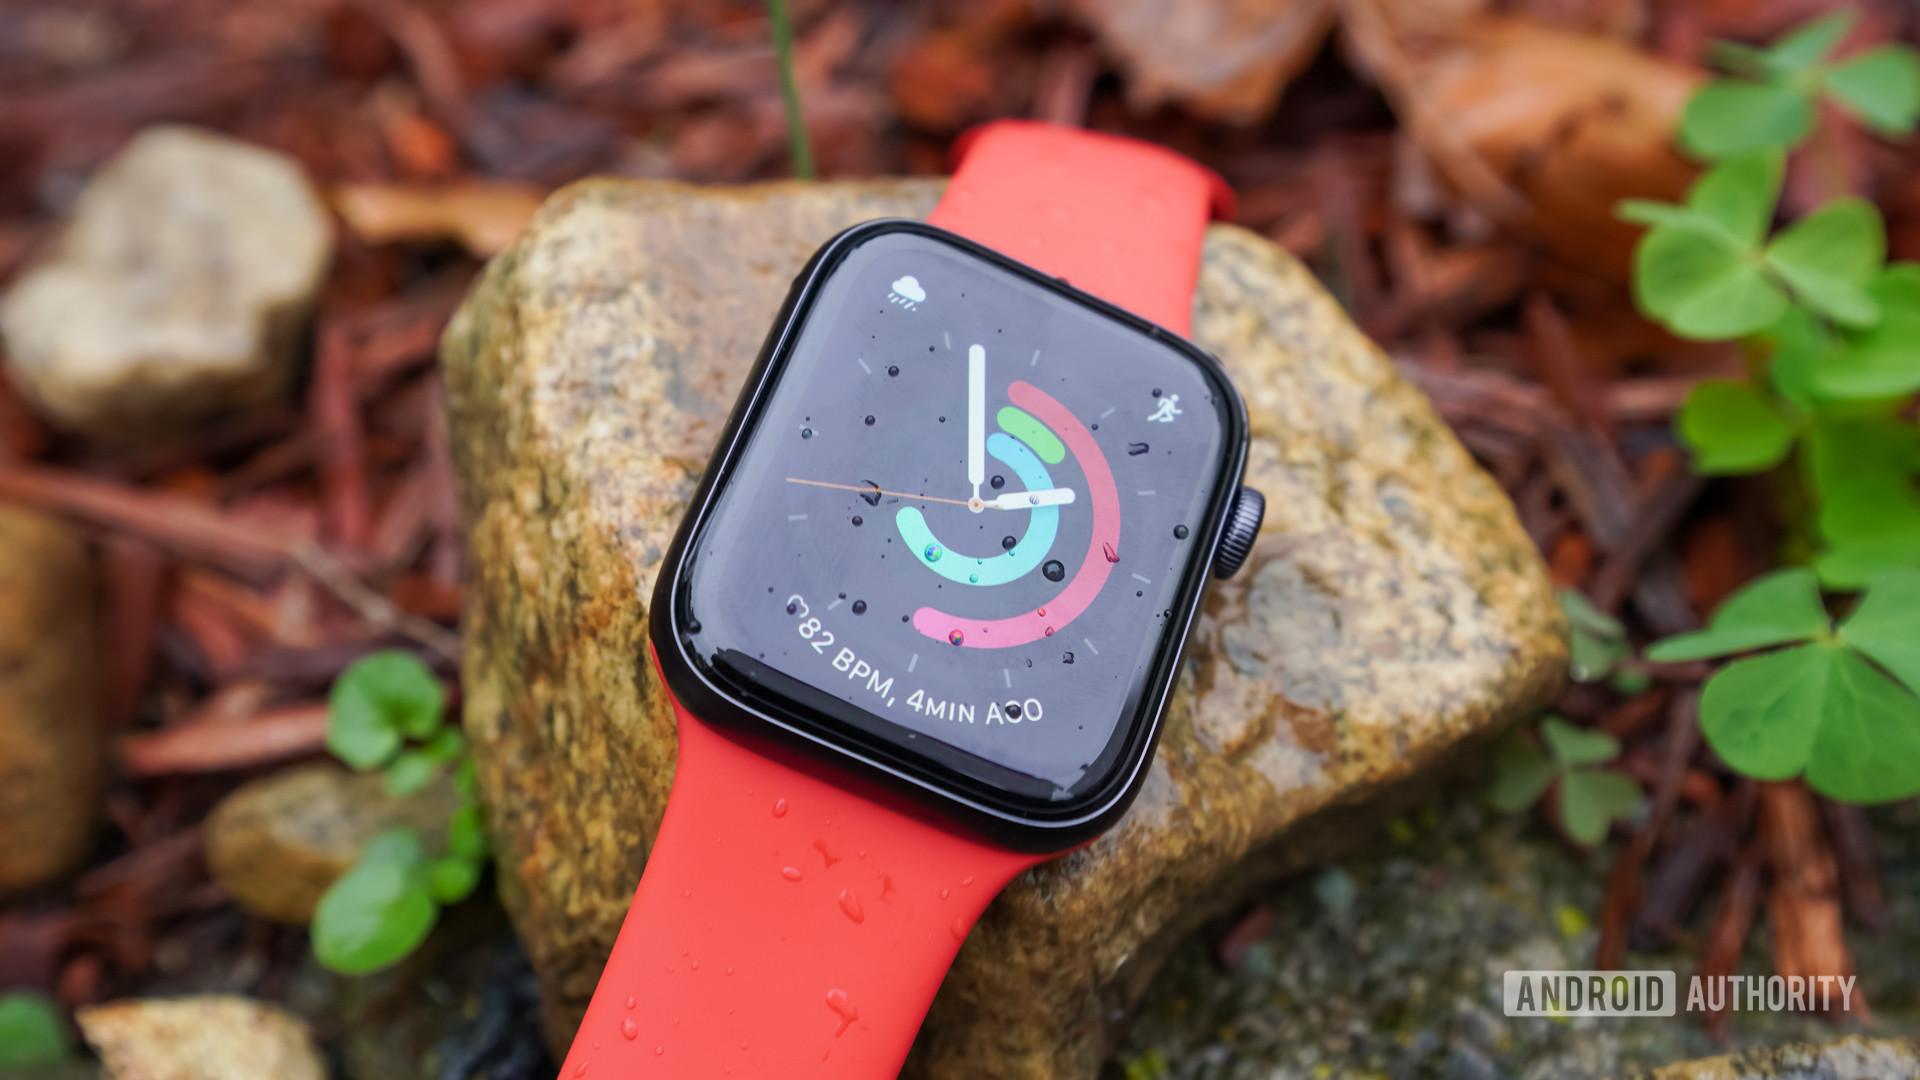 Apple Watch SE on rocks